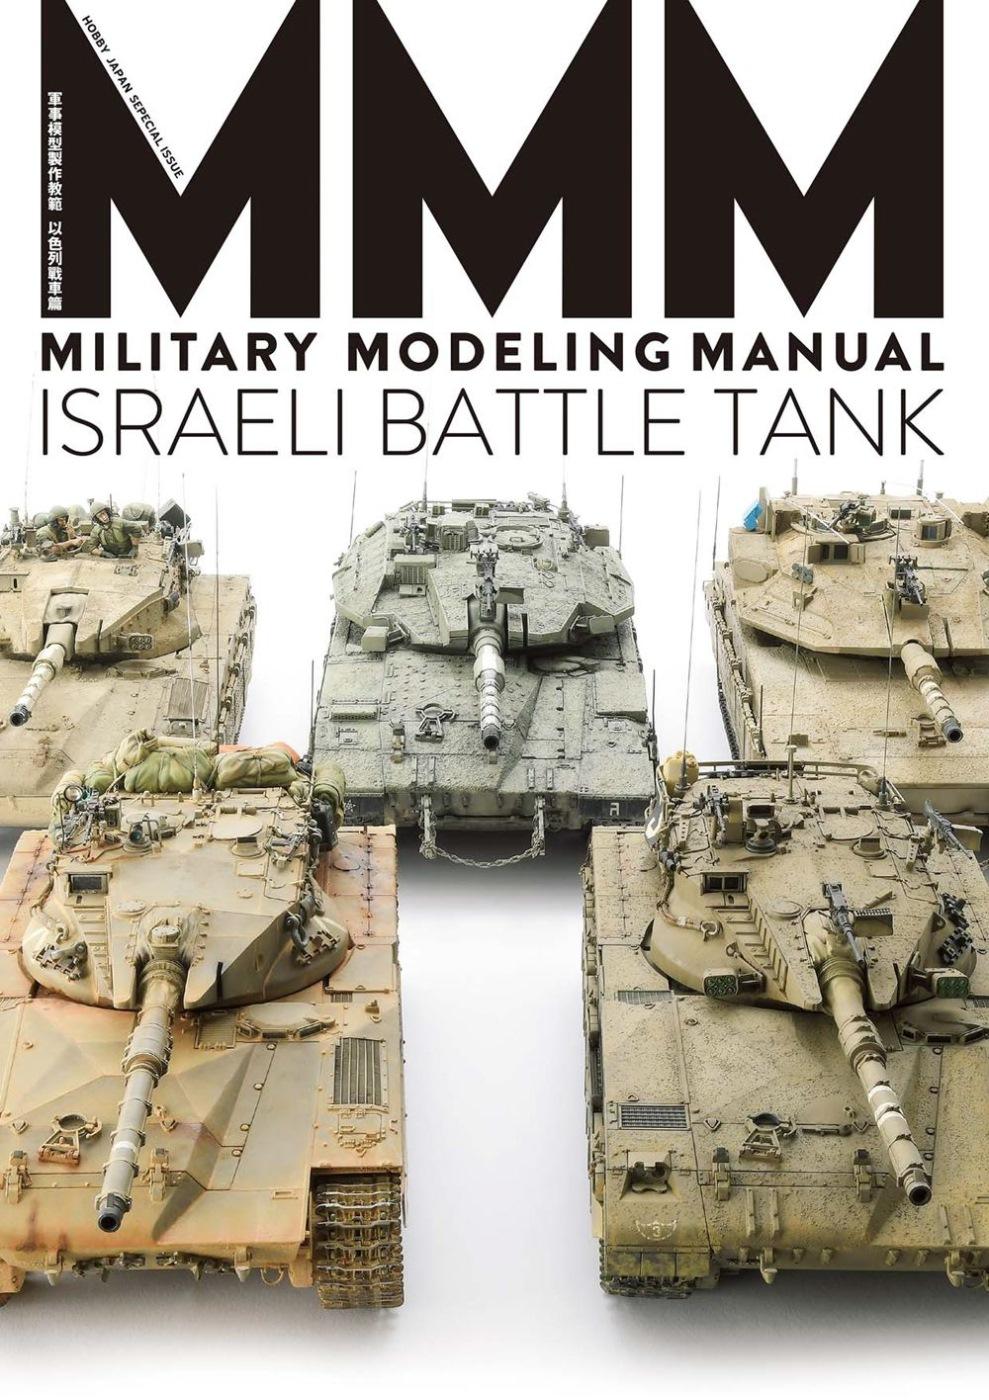 軍事模型製作教範:以色列戰車篇